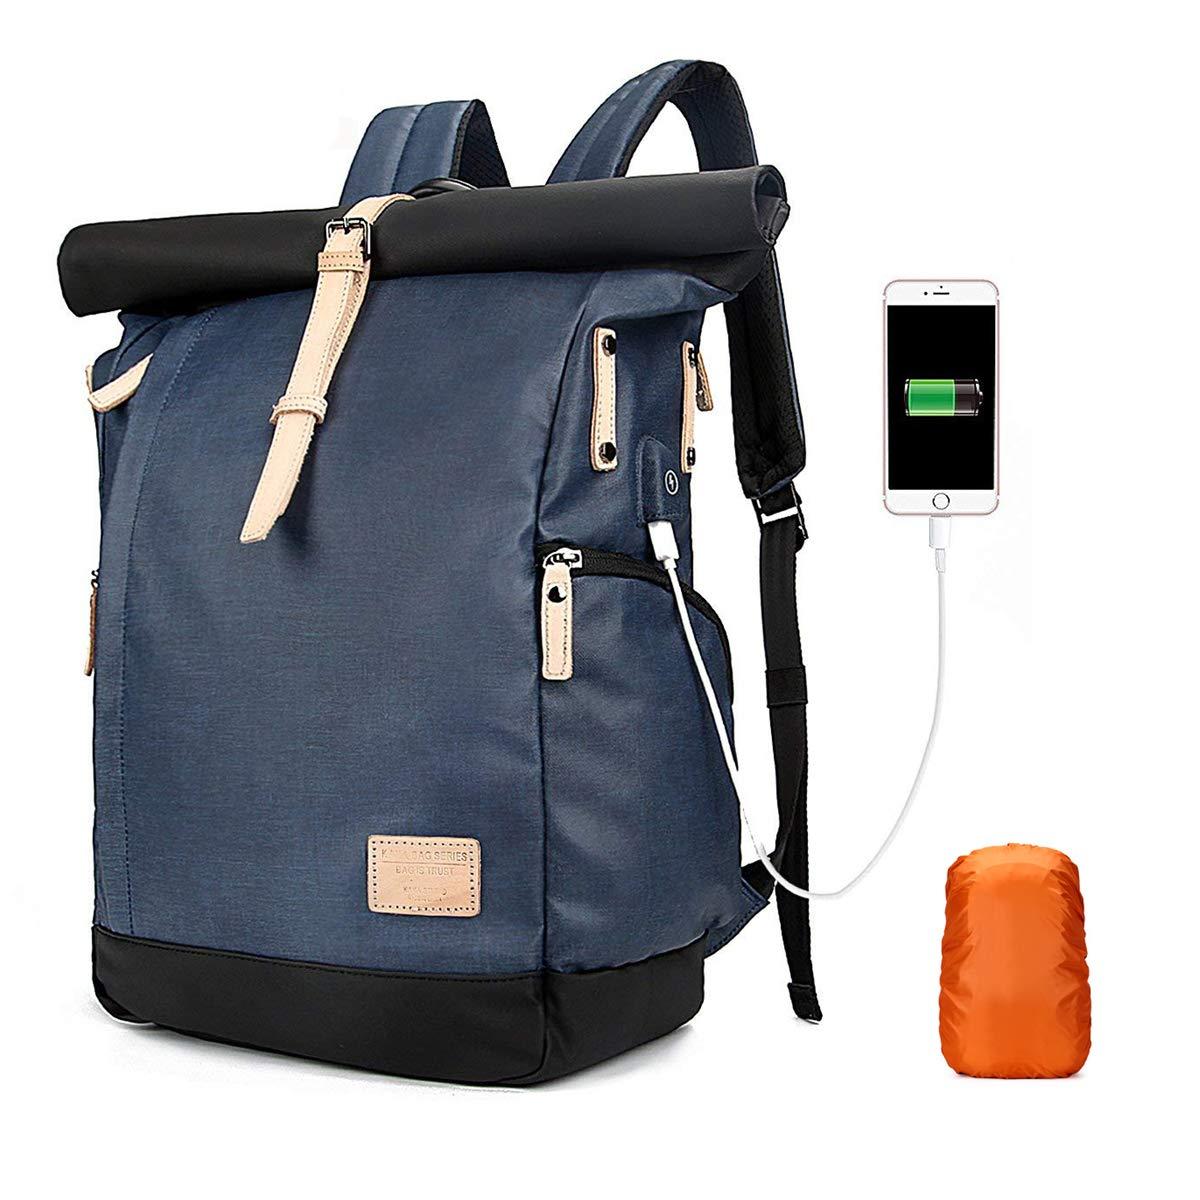 Neusky wasserabweisend Laptoprucksack Kurierrucksack Unirucksack Schuhlrucksack USB Rucksack Backpack + Regenschutz für Damen, Herren (Neu-Grau)